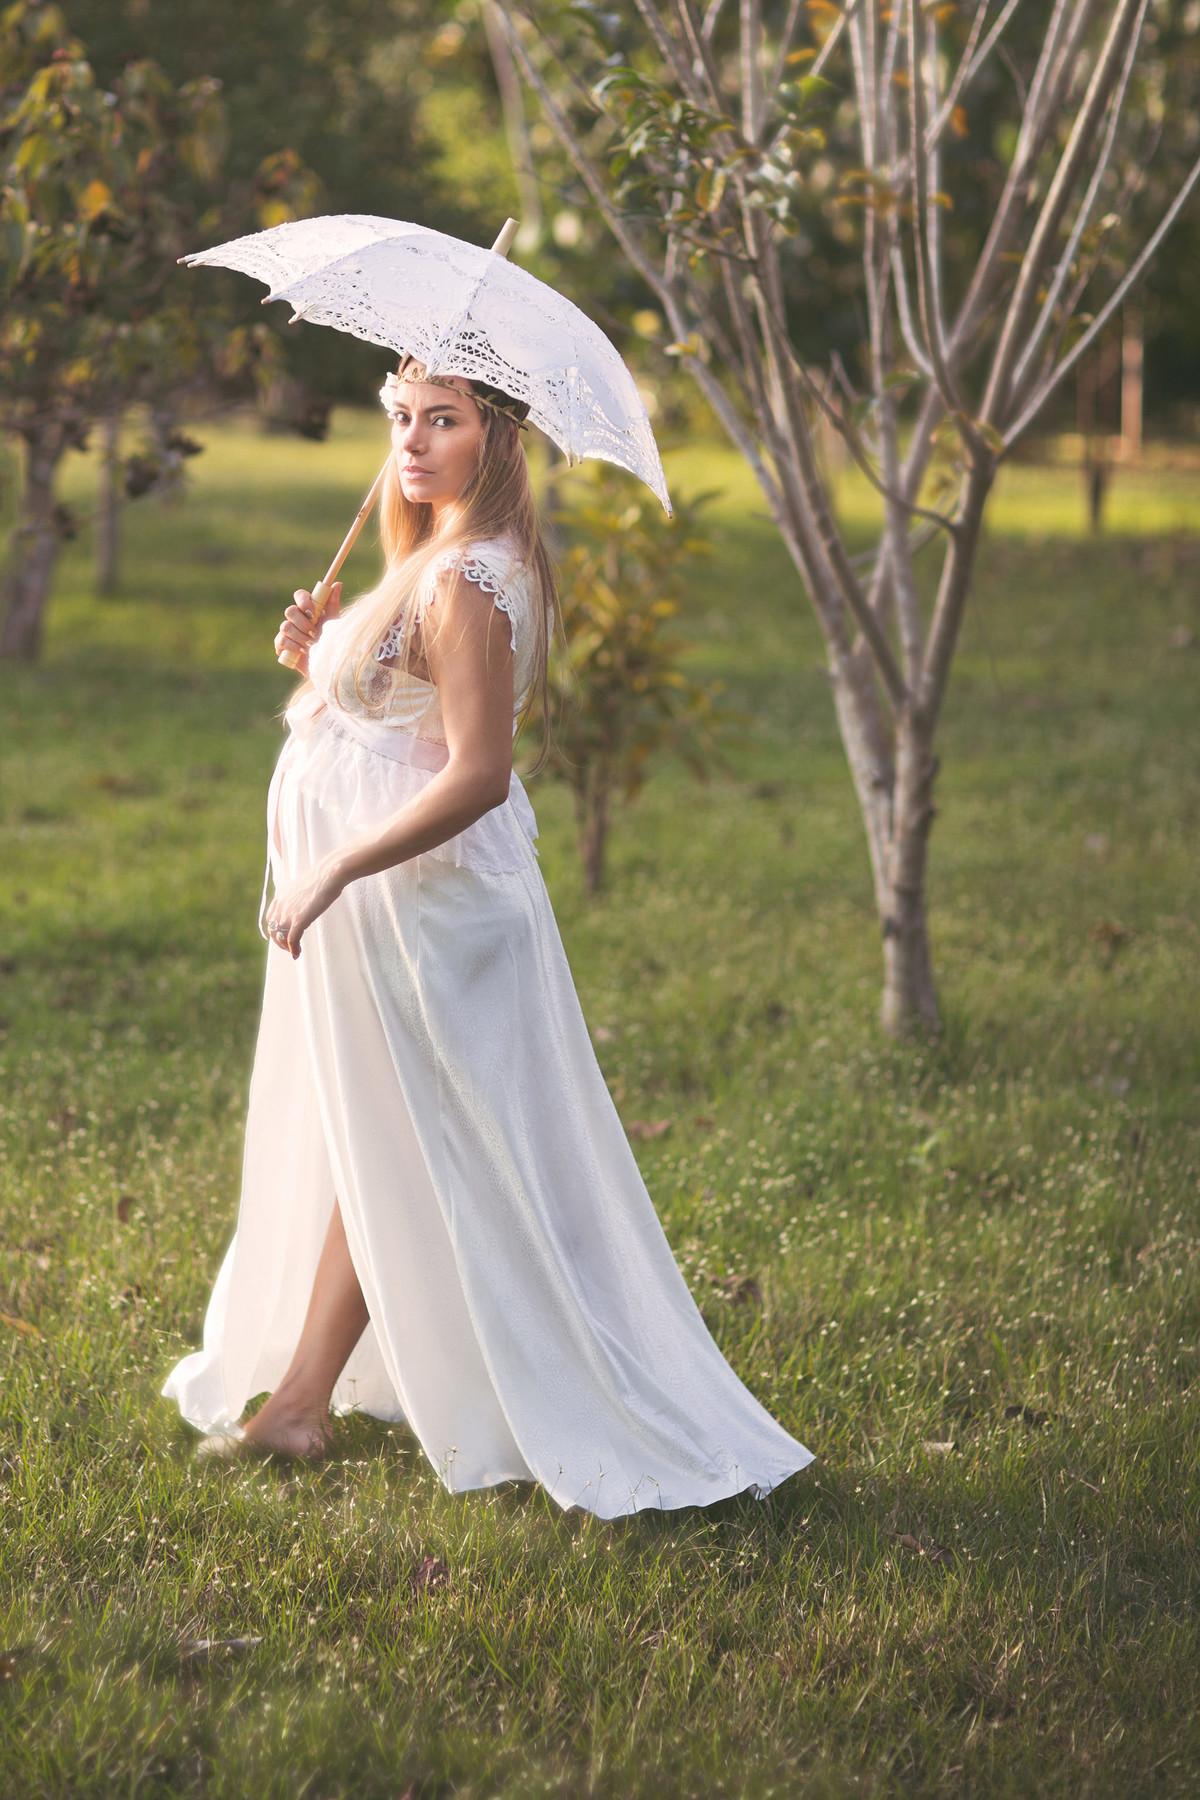 Grávida passeando pelo campo de vestido branco e sombrinha branca de renda. Fotografado pelo fotógrafo de gestantes Rafael Ohana em Manaus-AM